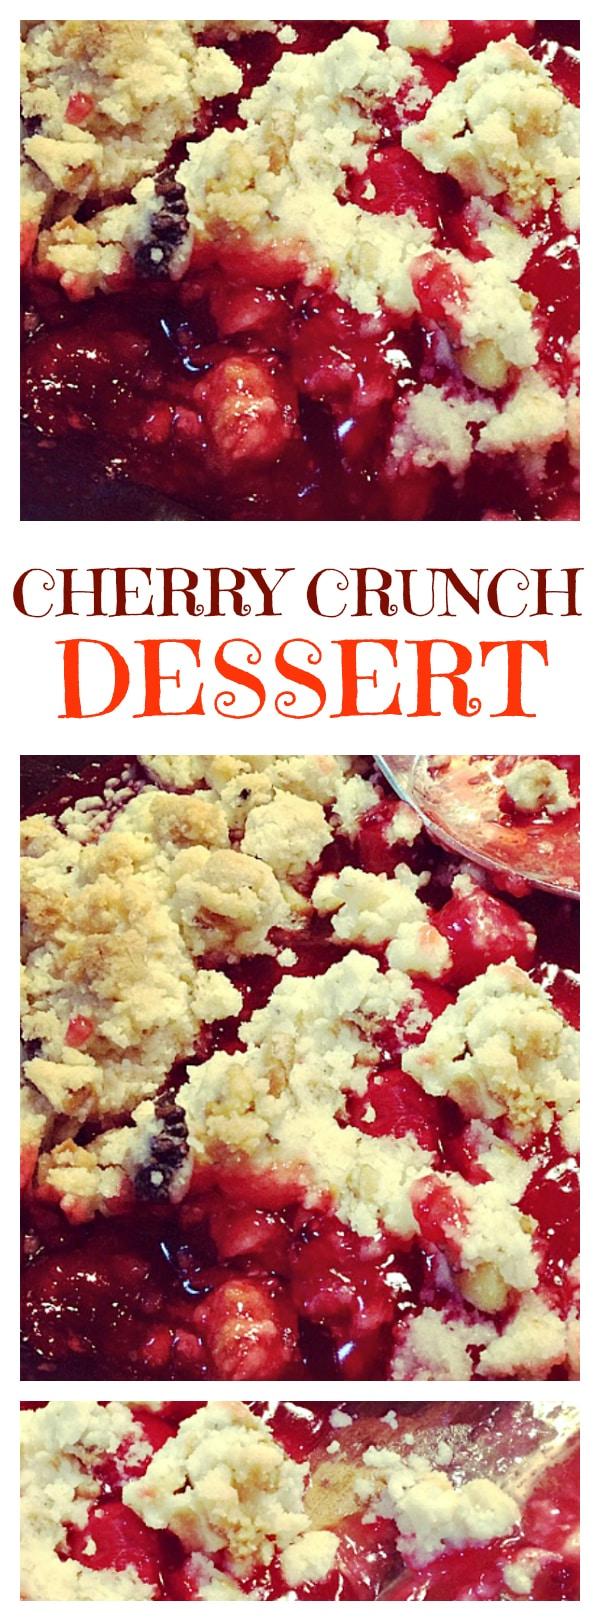 Cherry Crunch Dessert